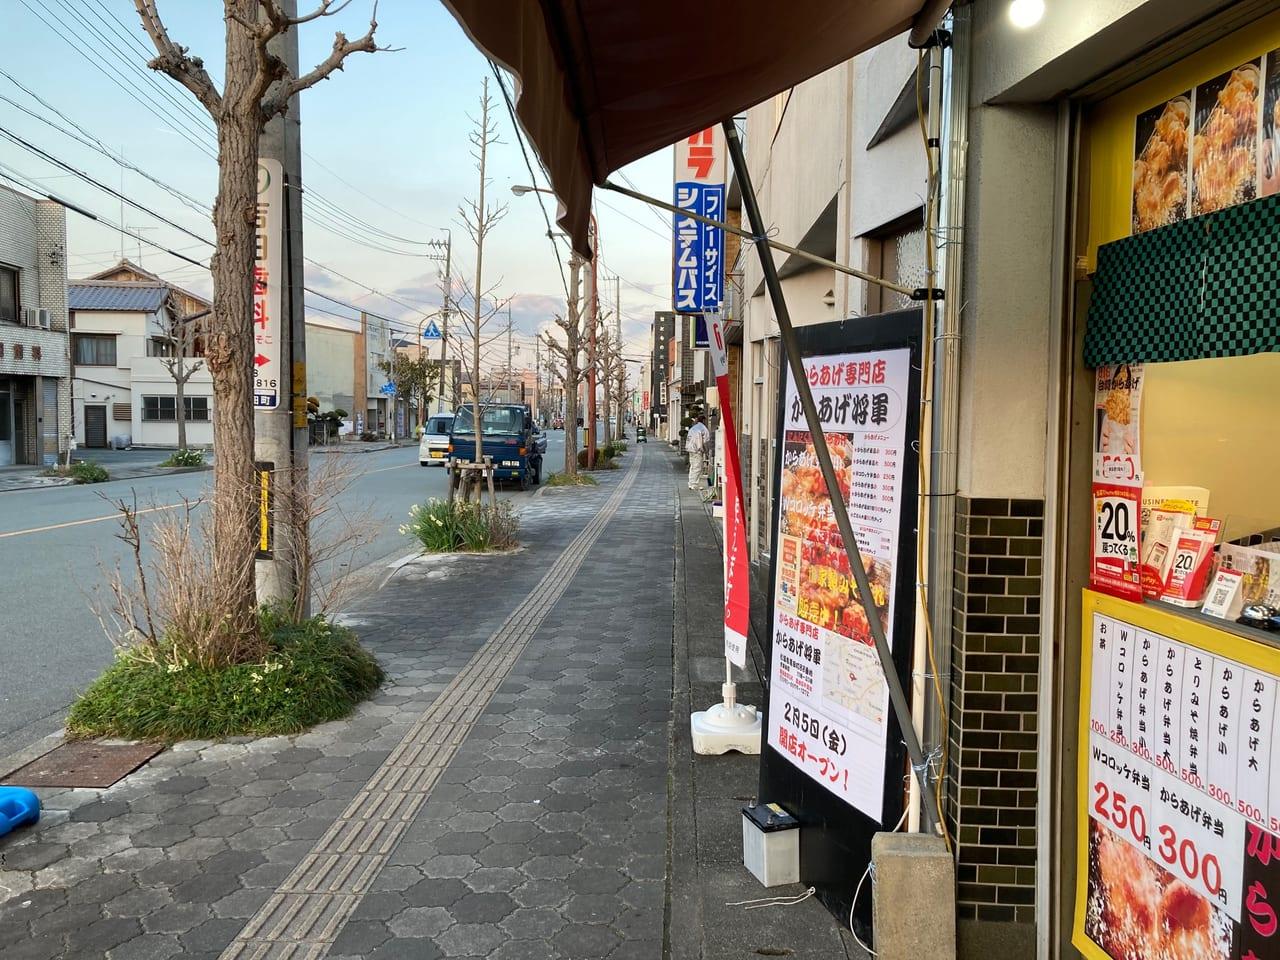 黒田町のからあげ将軍の店舗側から道路を見た画像